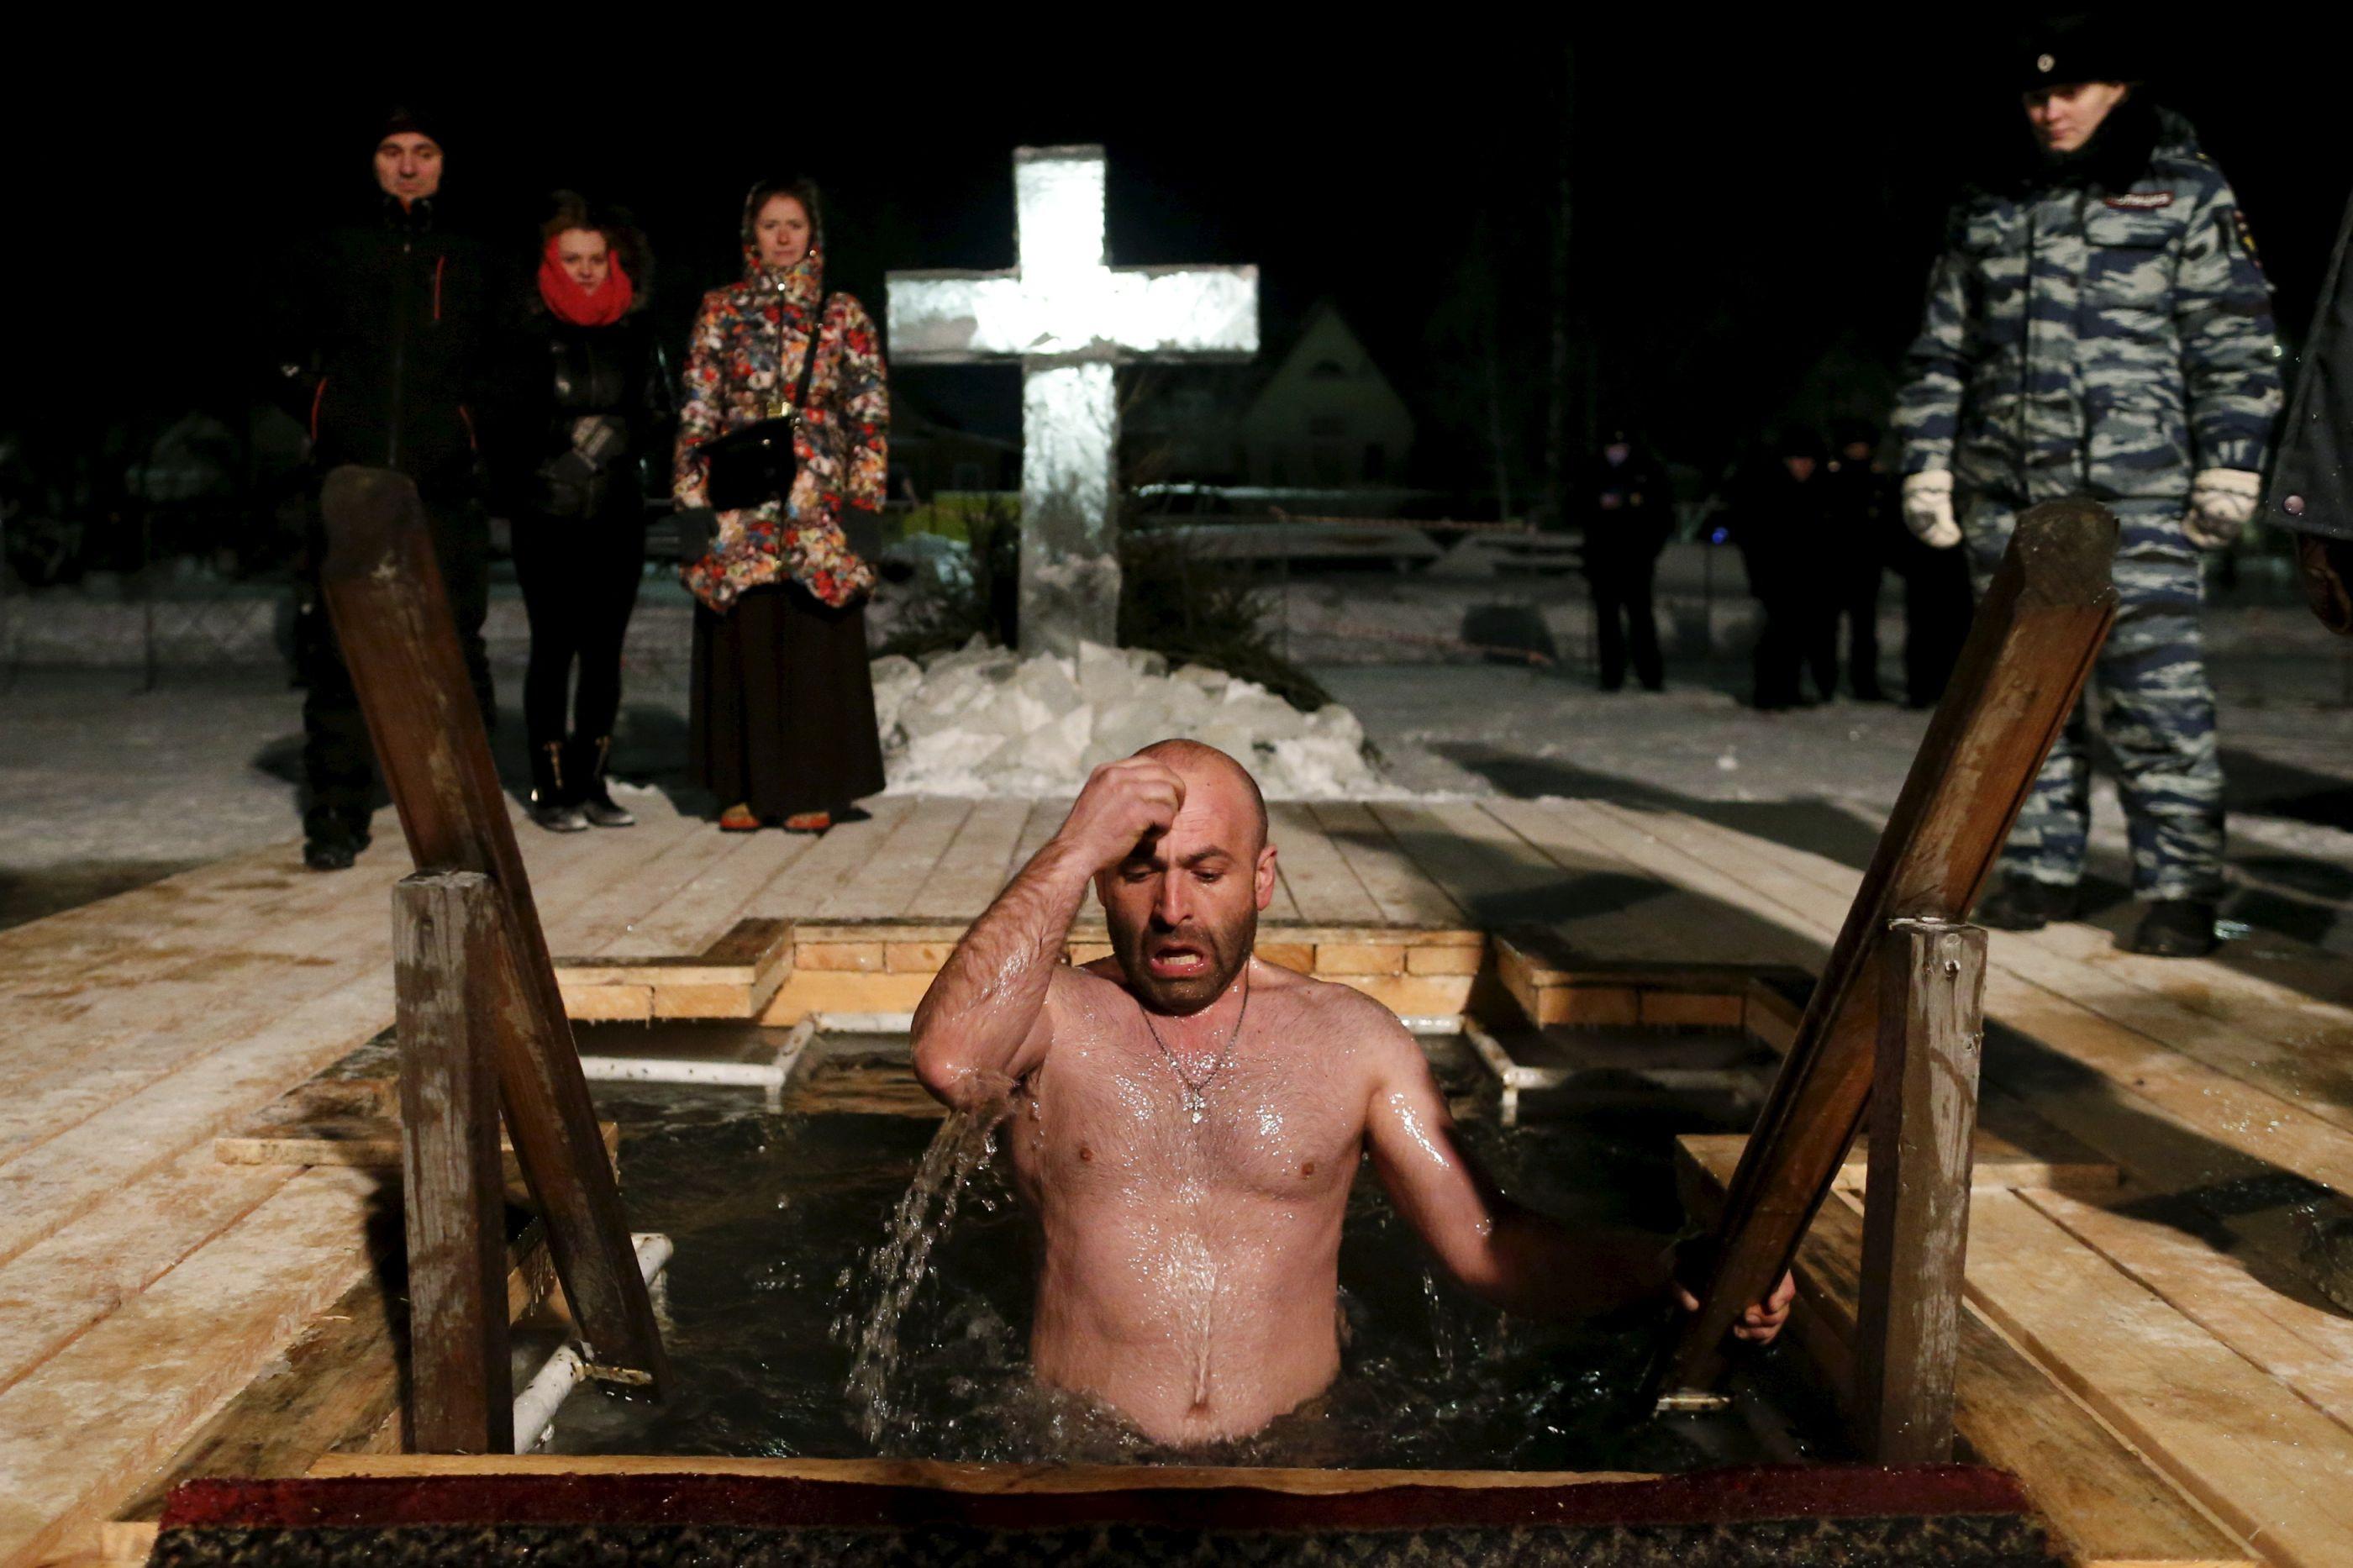 Cristãos ortodoxos banham-se em águas geladas. Mas porquê?